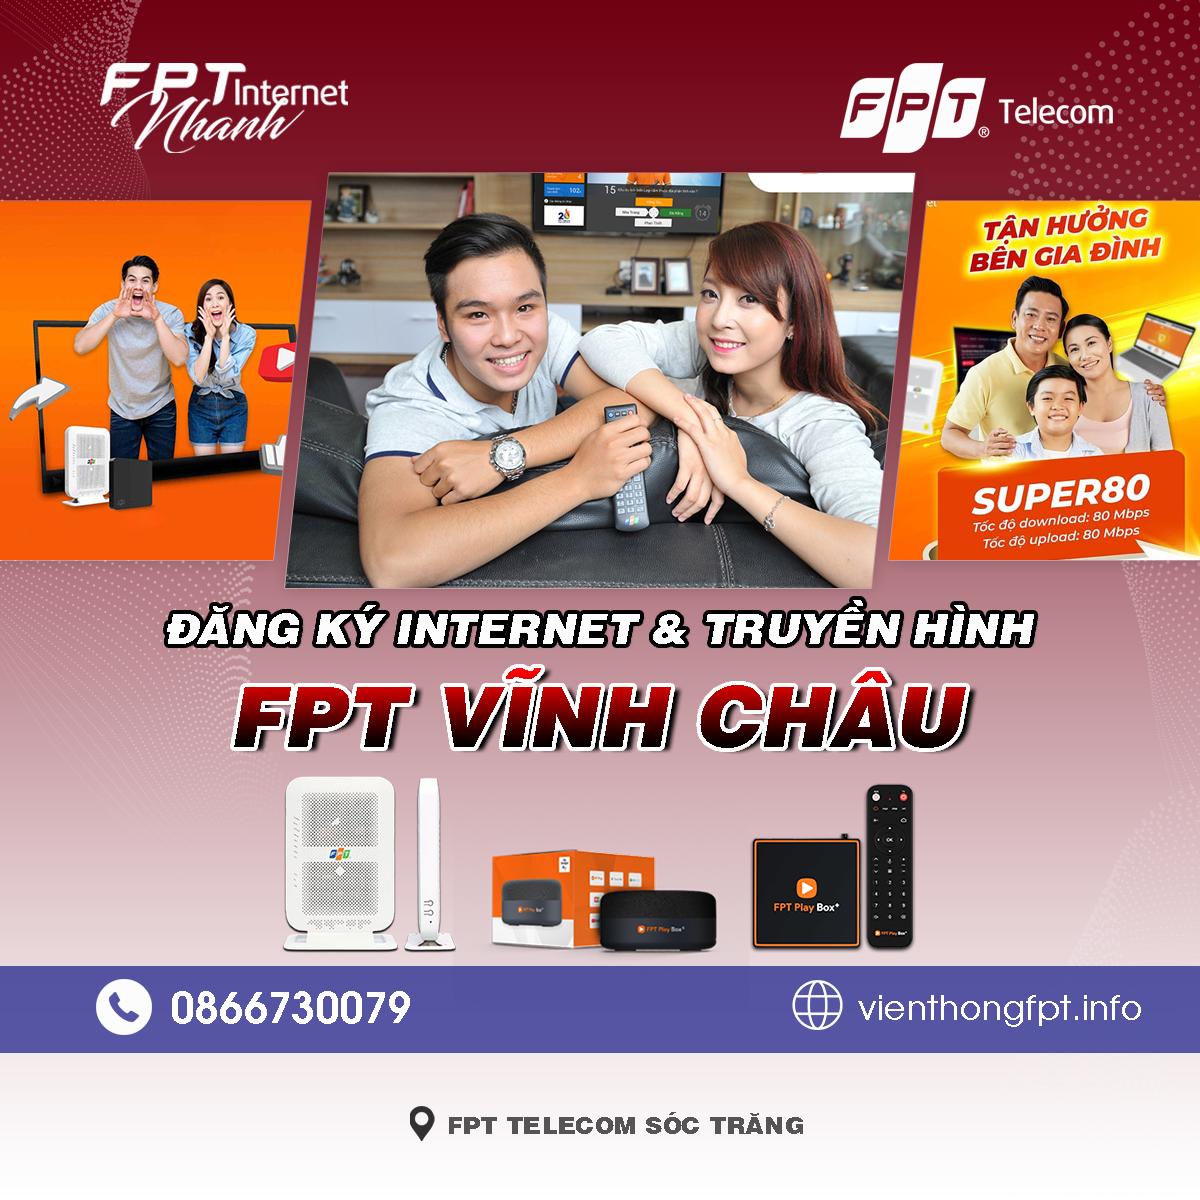 Tổng đài FPT Vĩnh Châu - Đơn vị lắp mạng Internet và Truyền hình FPT